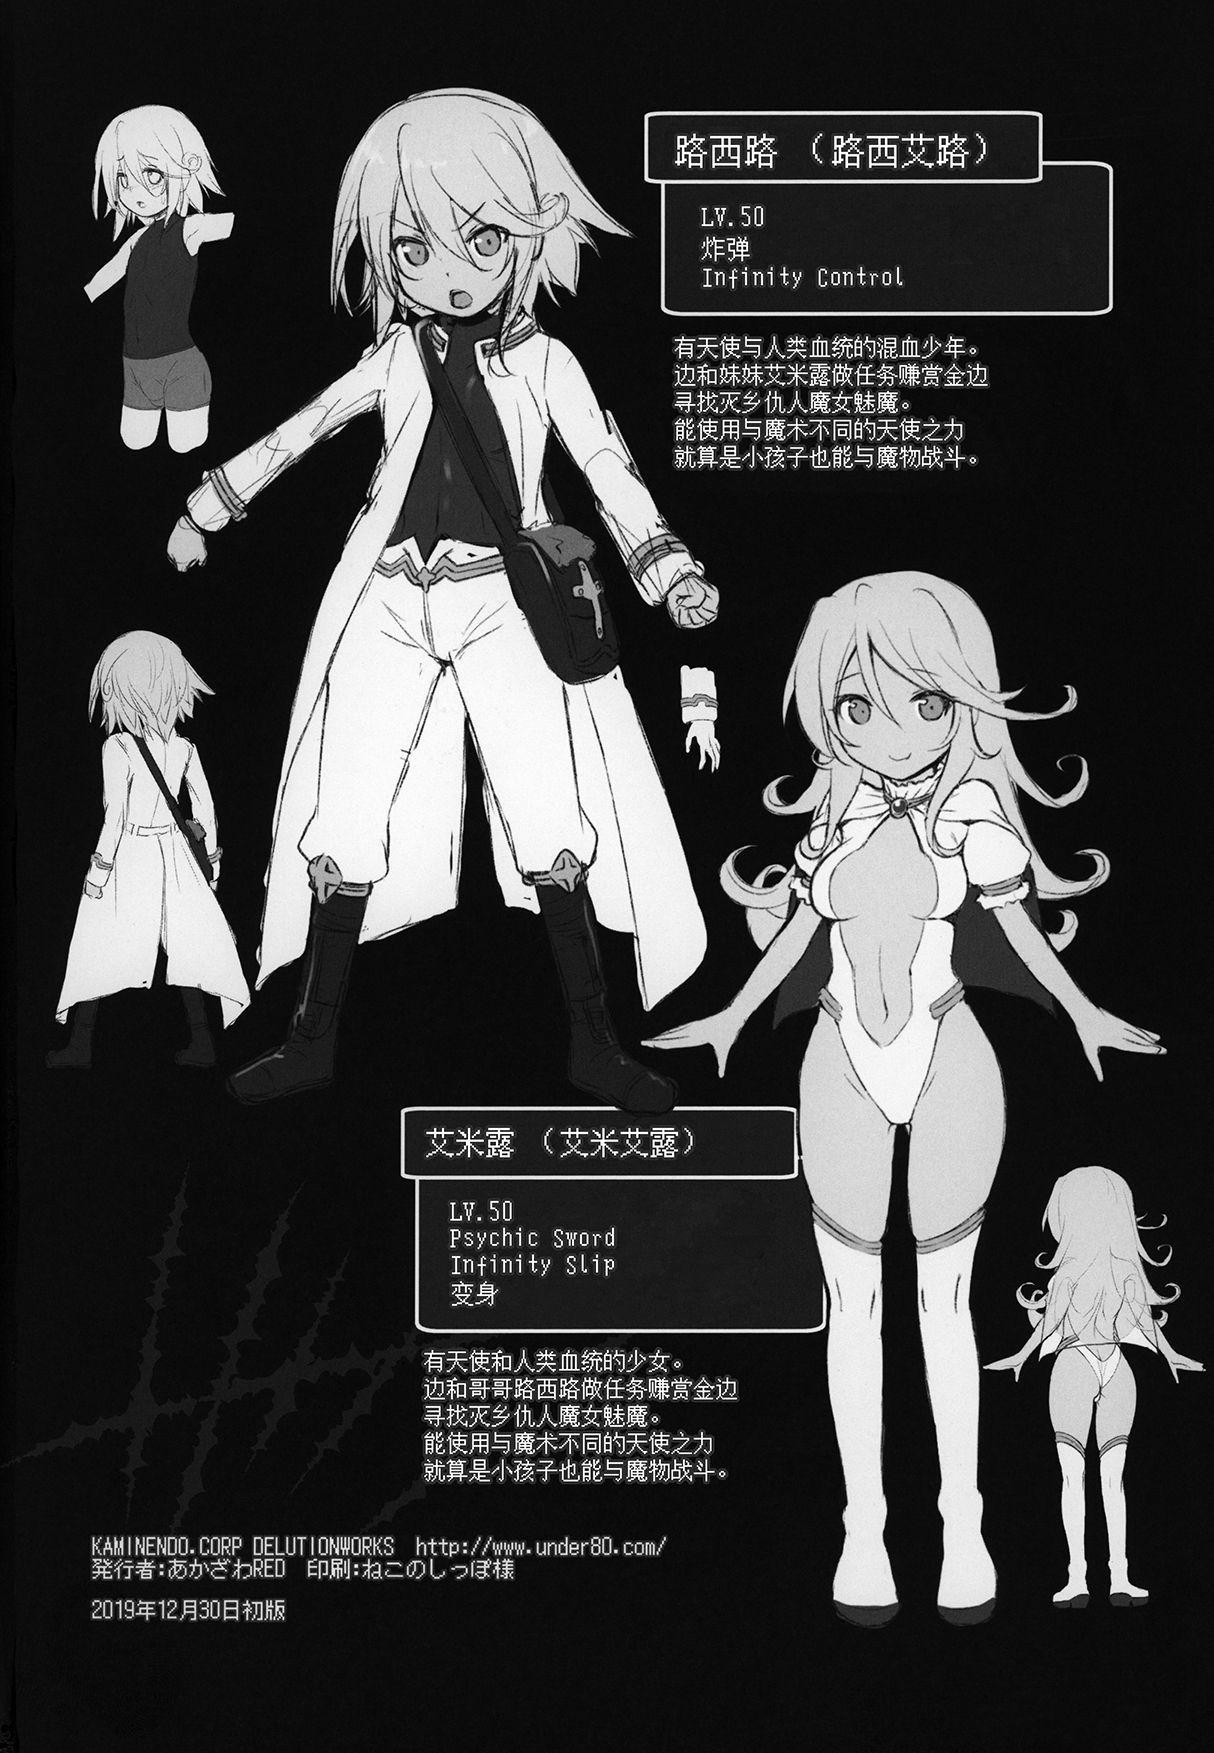 Makotoni Zannen desu ga Bouken no Sho 6 wa Kiete Shimaimashita. 33